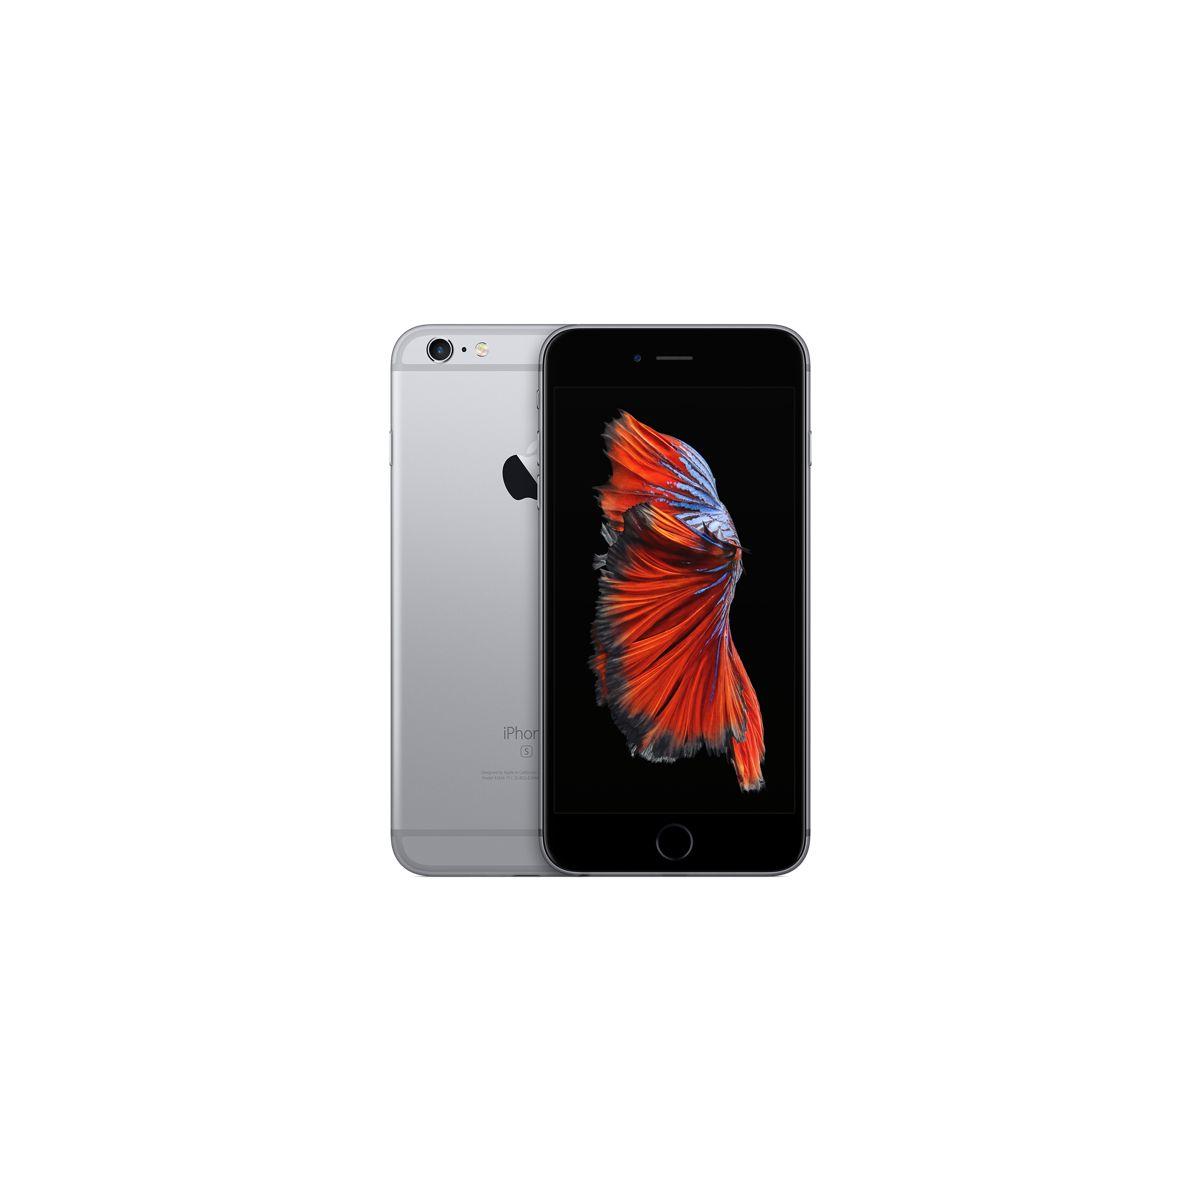 Apple iphone 6s plus 128go gris sidéral - 2% de remise immédiate avec le code : fete2 (photo)